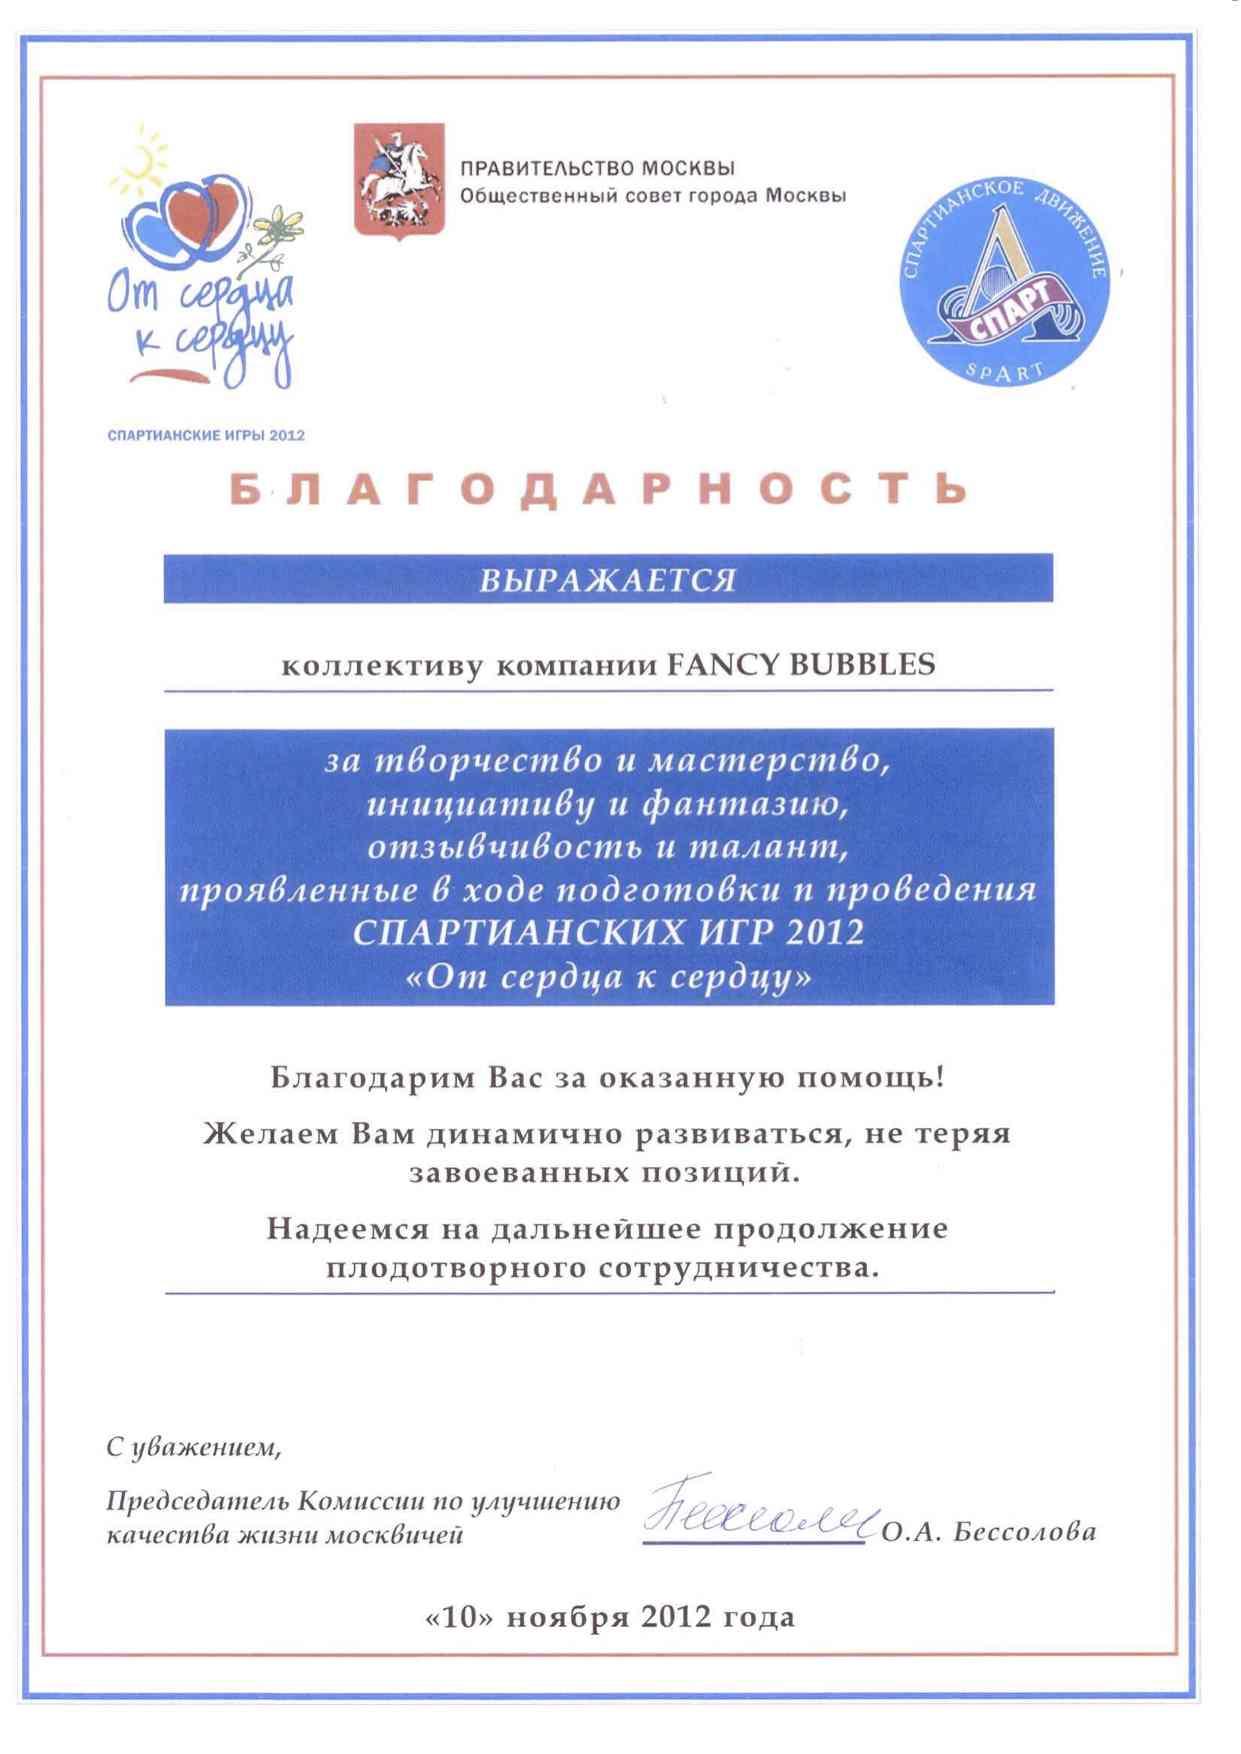 ФЕНСИ БАБЛС благодарность от Общественного совета г. Москвы